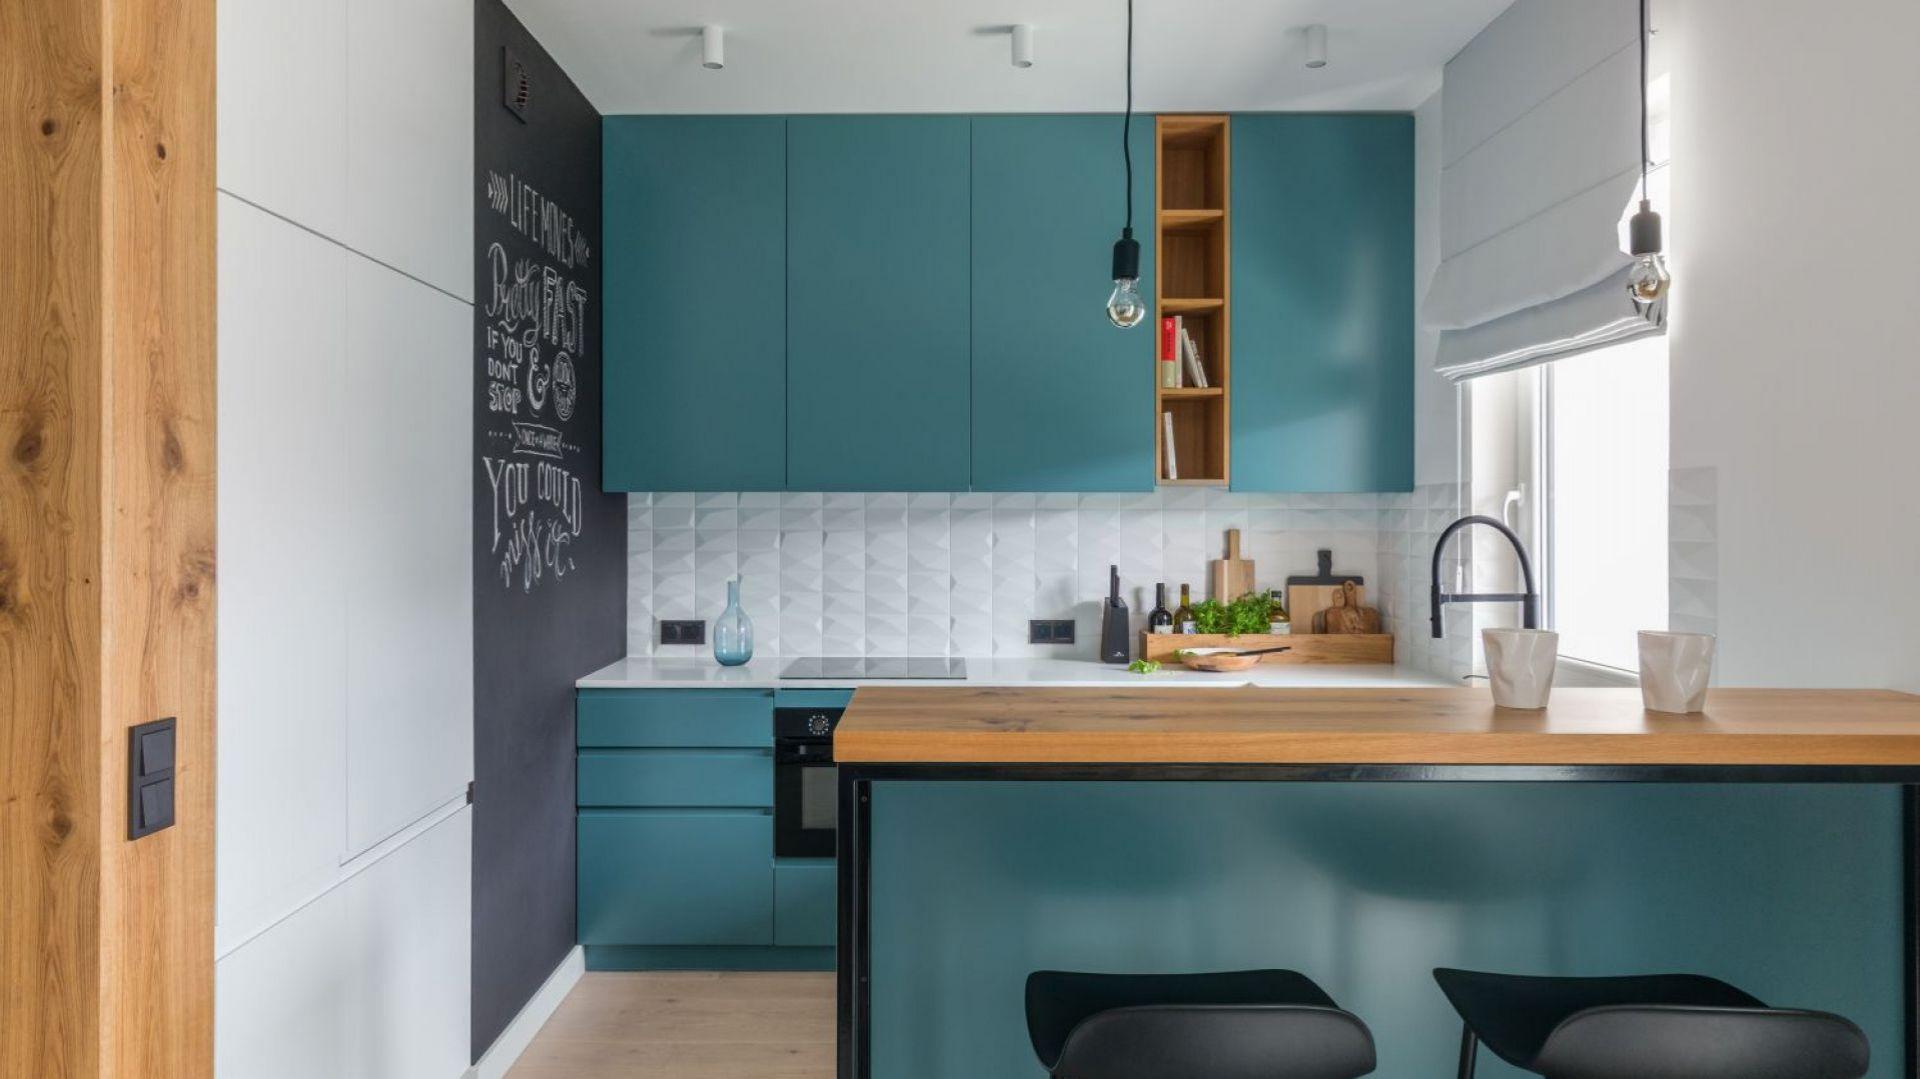 Salon połączony z kuchnią i jadalnią. Projekt: Alina Fabirowska. Fot. Pion Poziom Fotografia Wnętrz